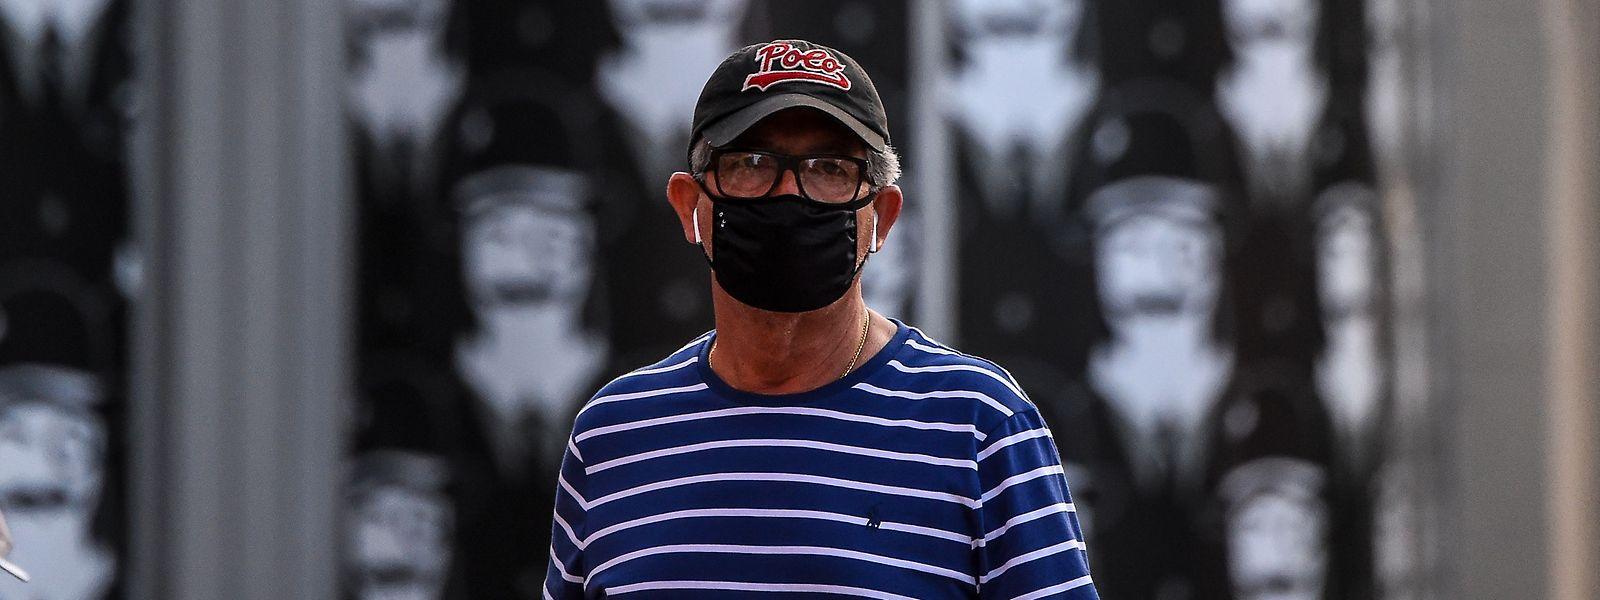 Le masque est obligatoire dans les lieux fréquentés par du public. Des sanctions pourront tomber pour non-respect des consignes.